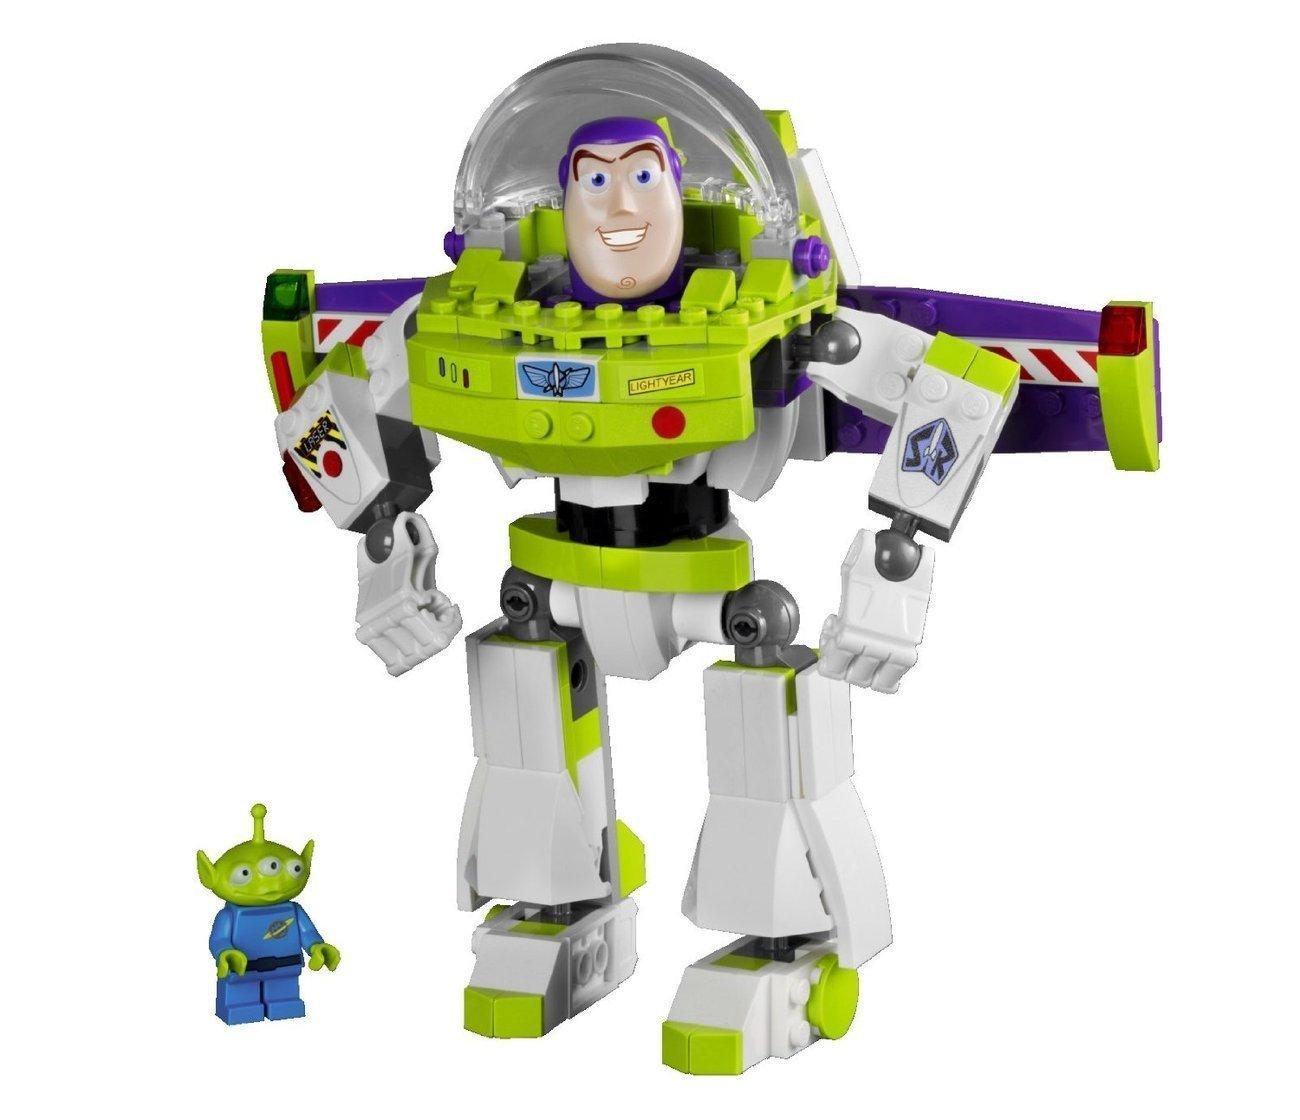 Lego Toy Story : Buzz lightyear toy story lego set building disney